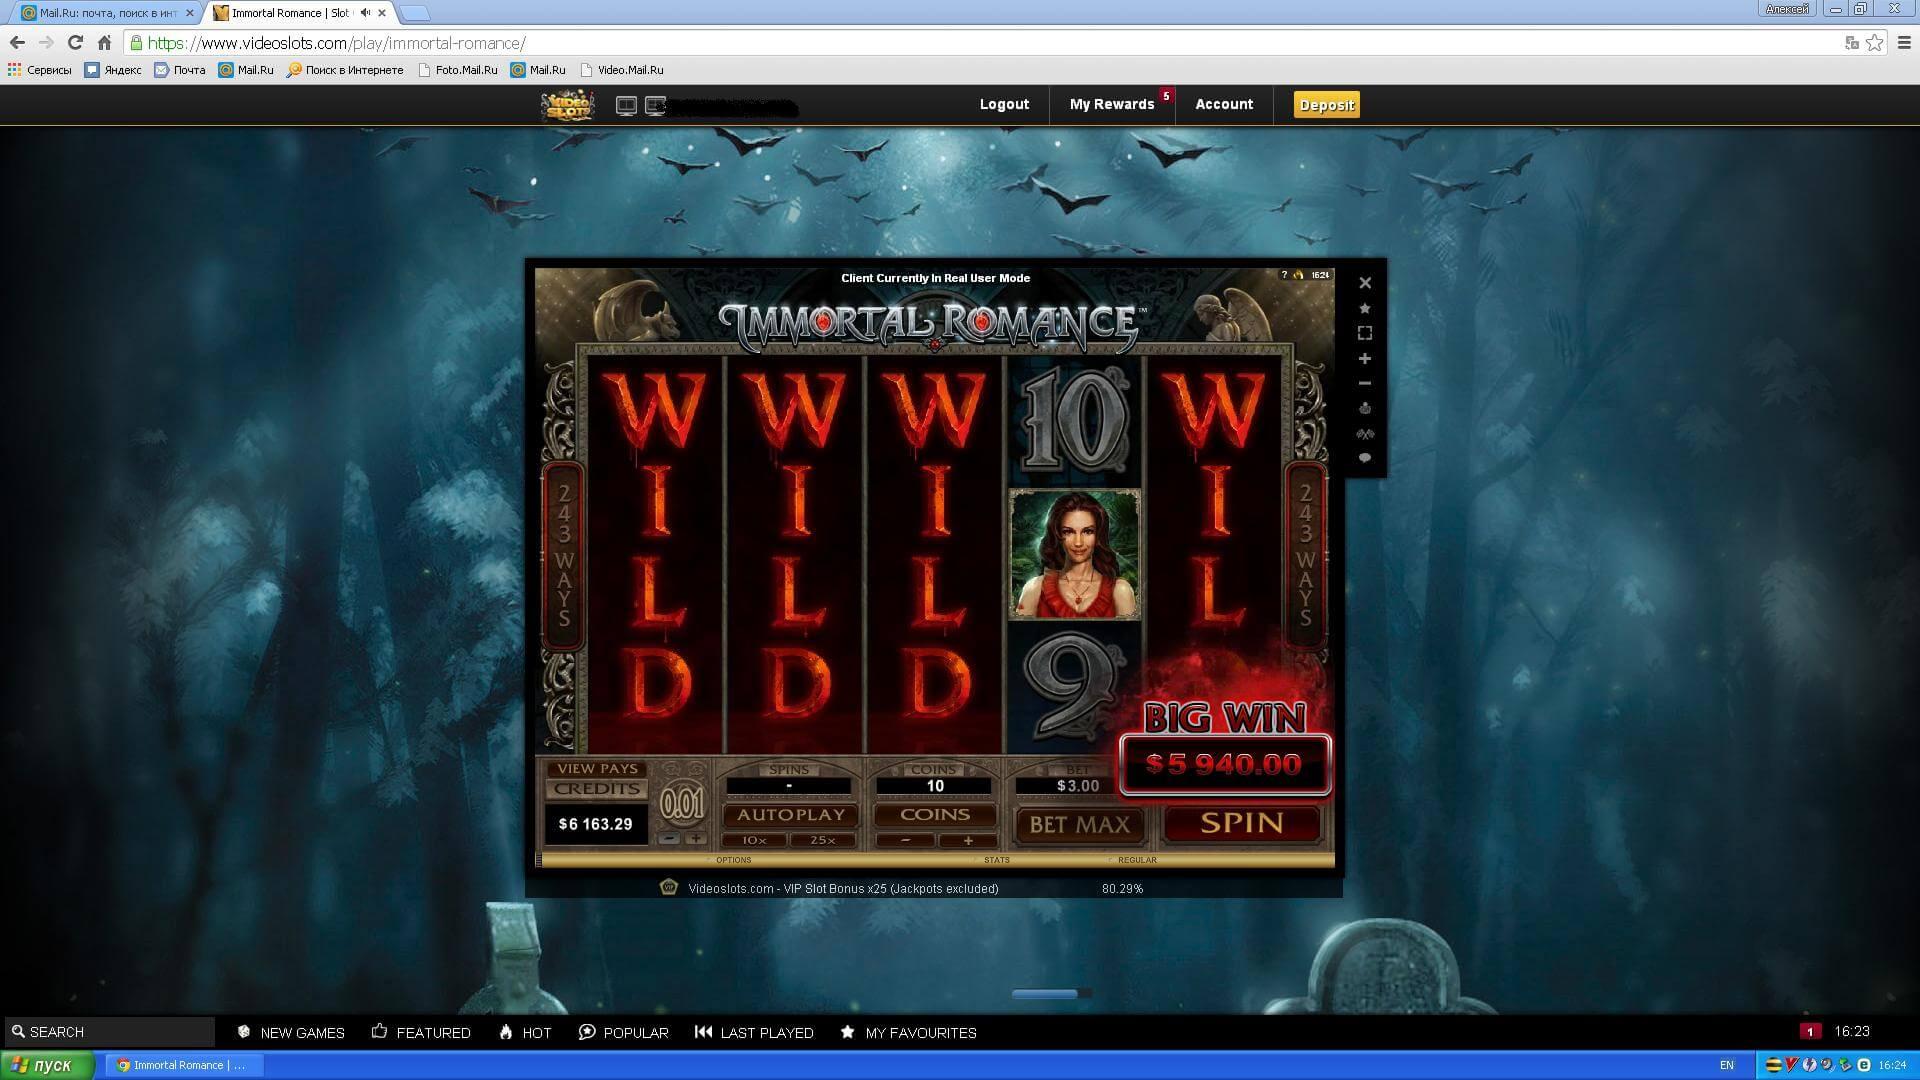 Immortal Romance,videoslots csino,выигрыш в казино, онлайн игровые автоматы, слоты, видеослотс казино, скрин выигрыша, вилд дисаер, крупный выигрыш